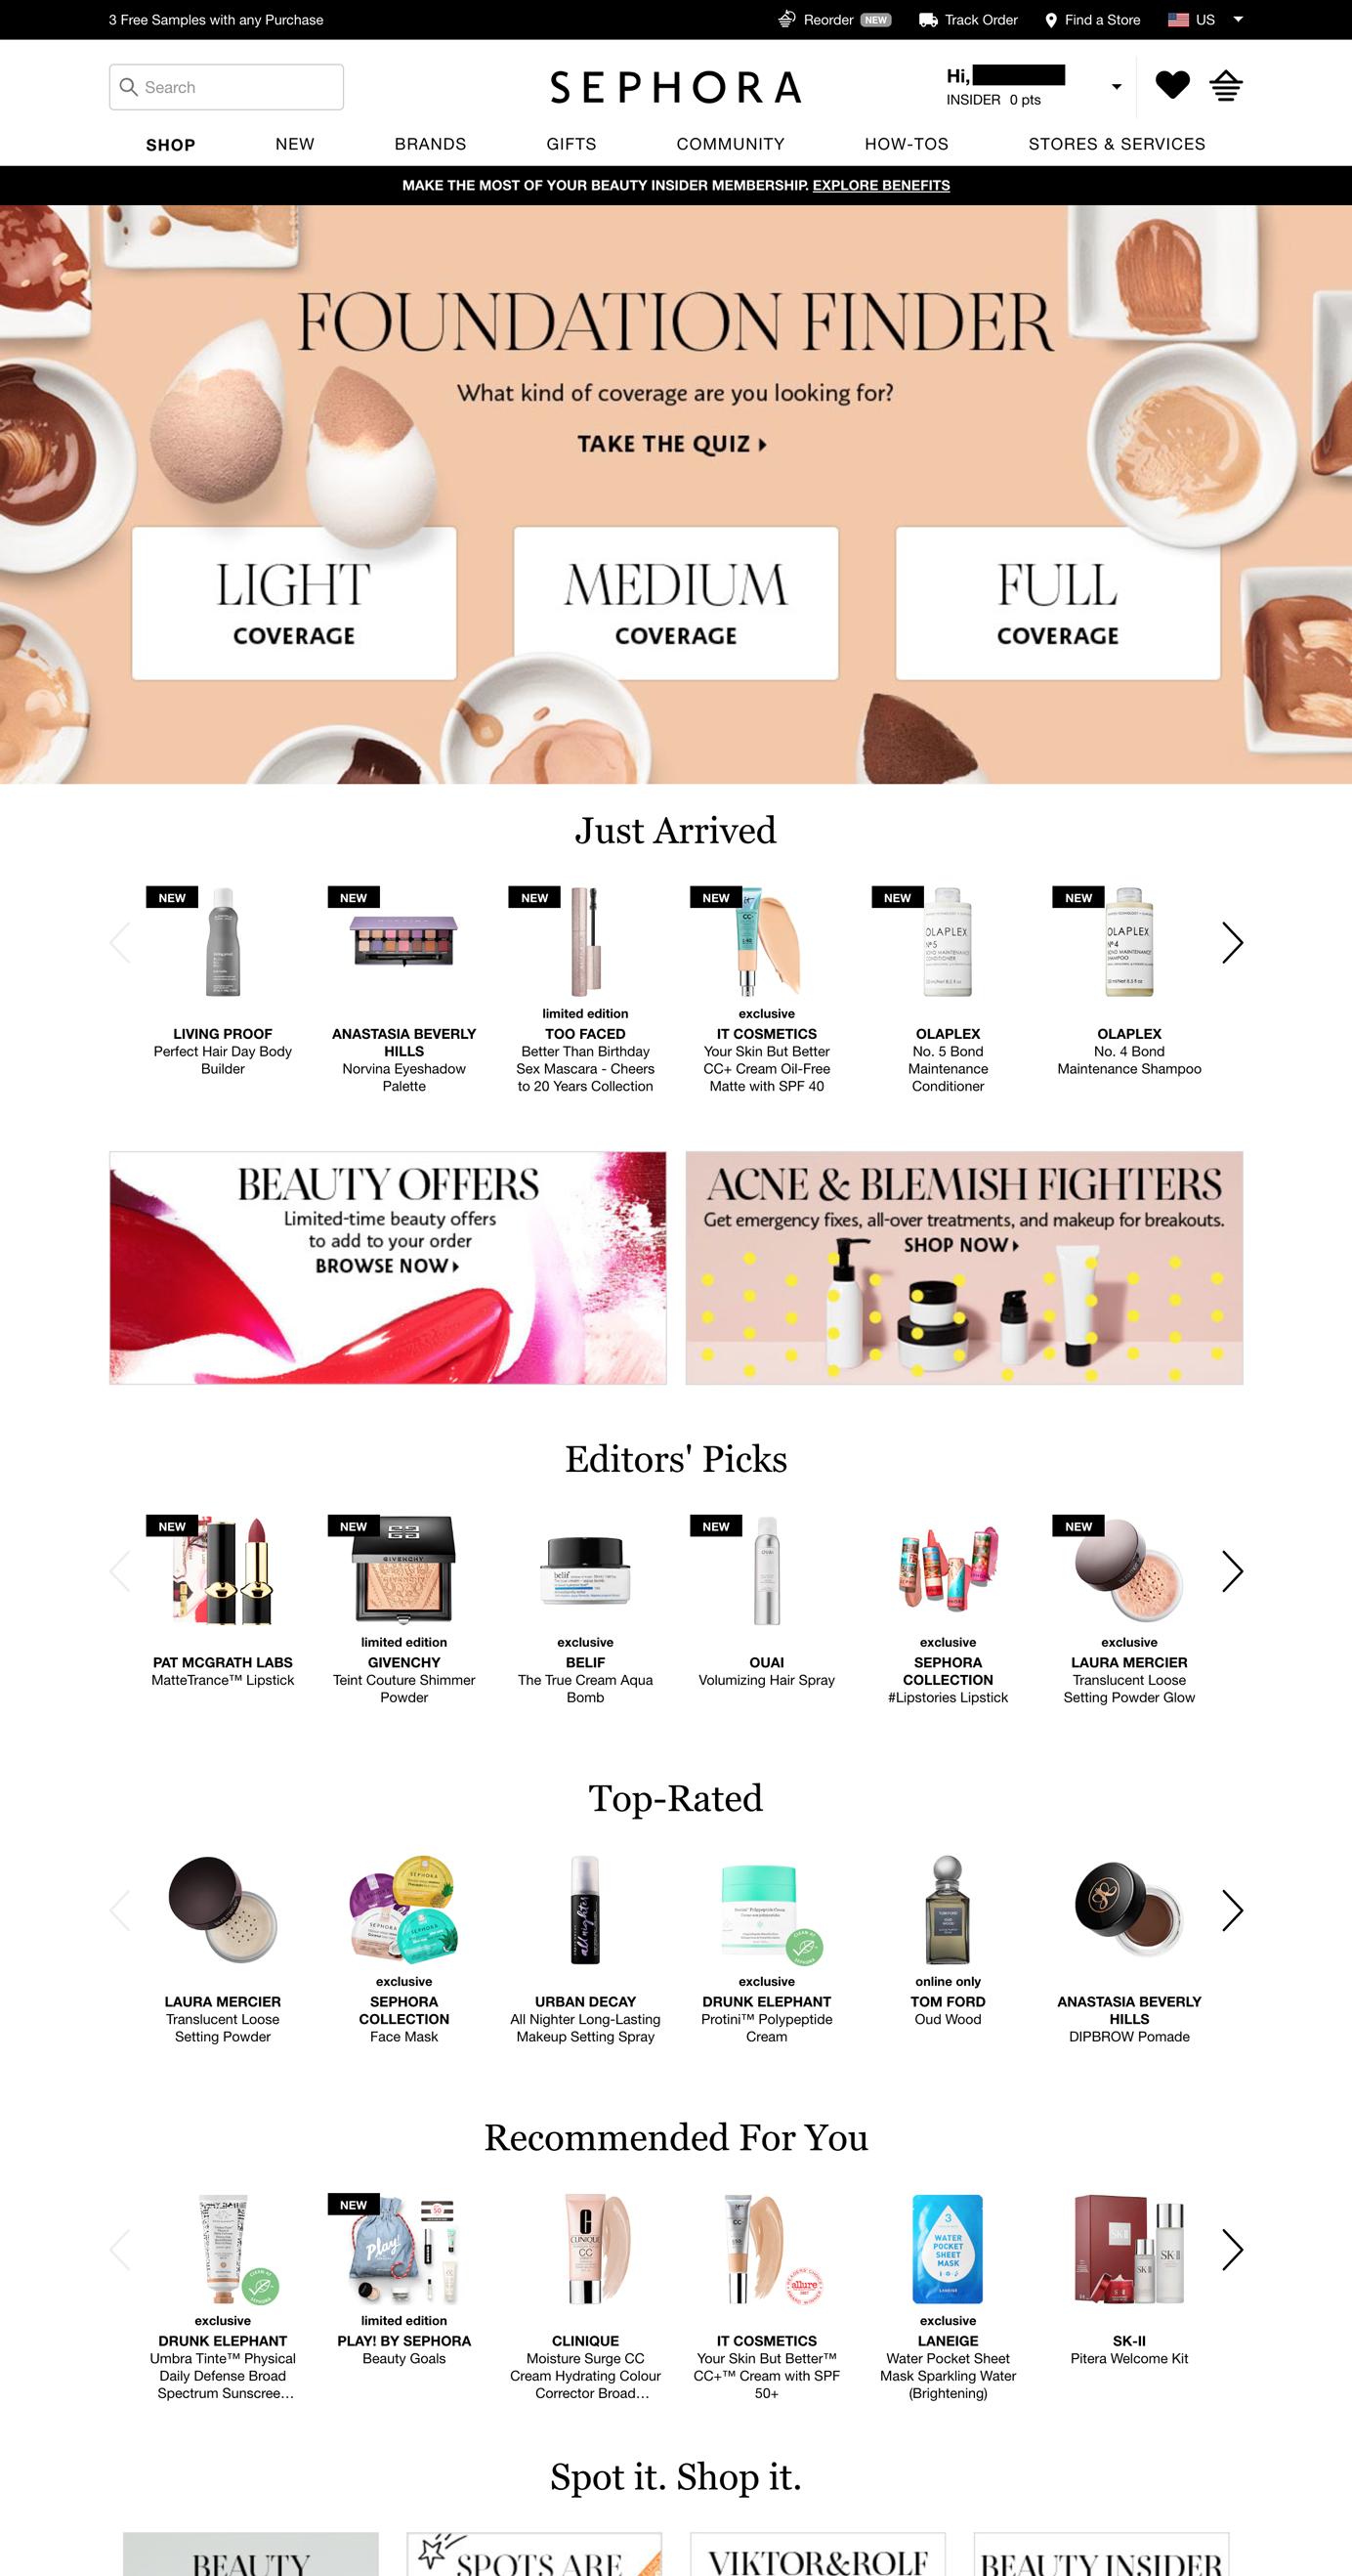 Screenshot of Sephora homepage